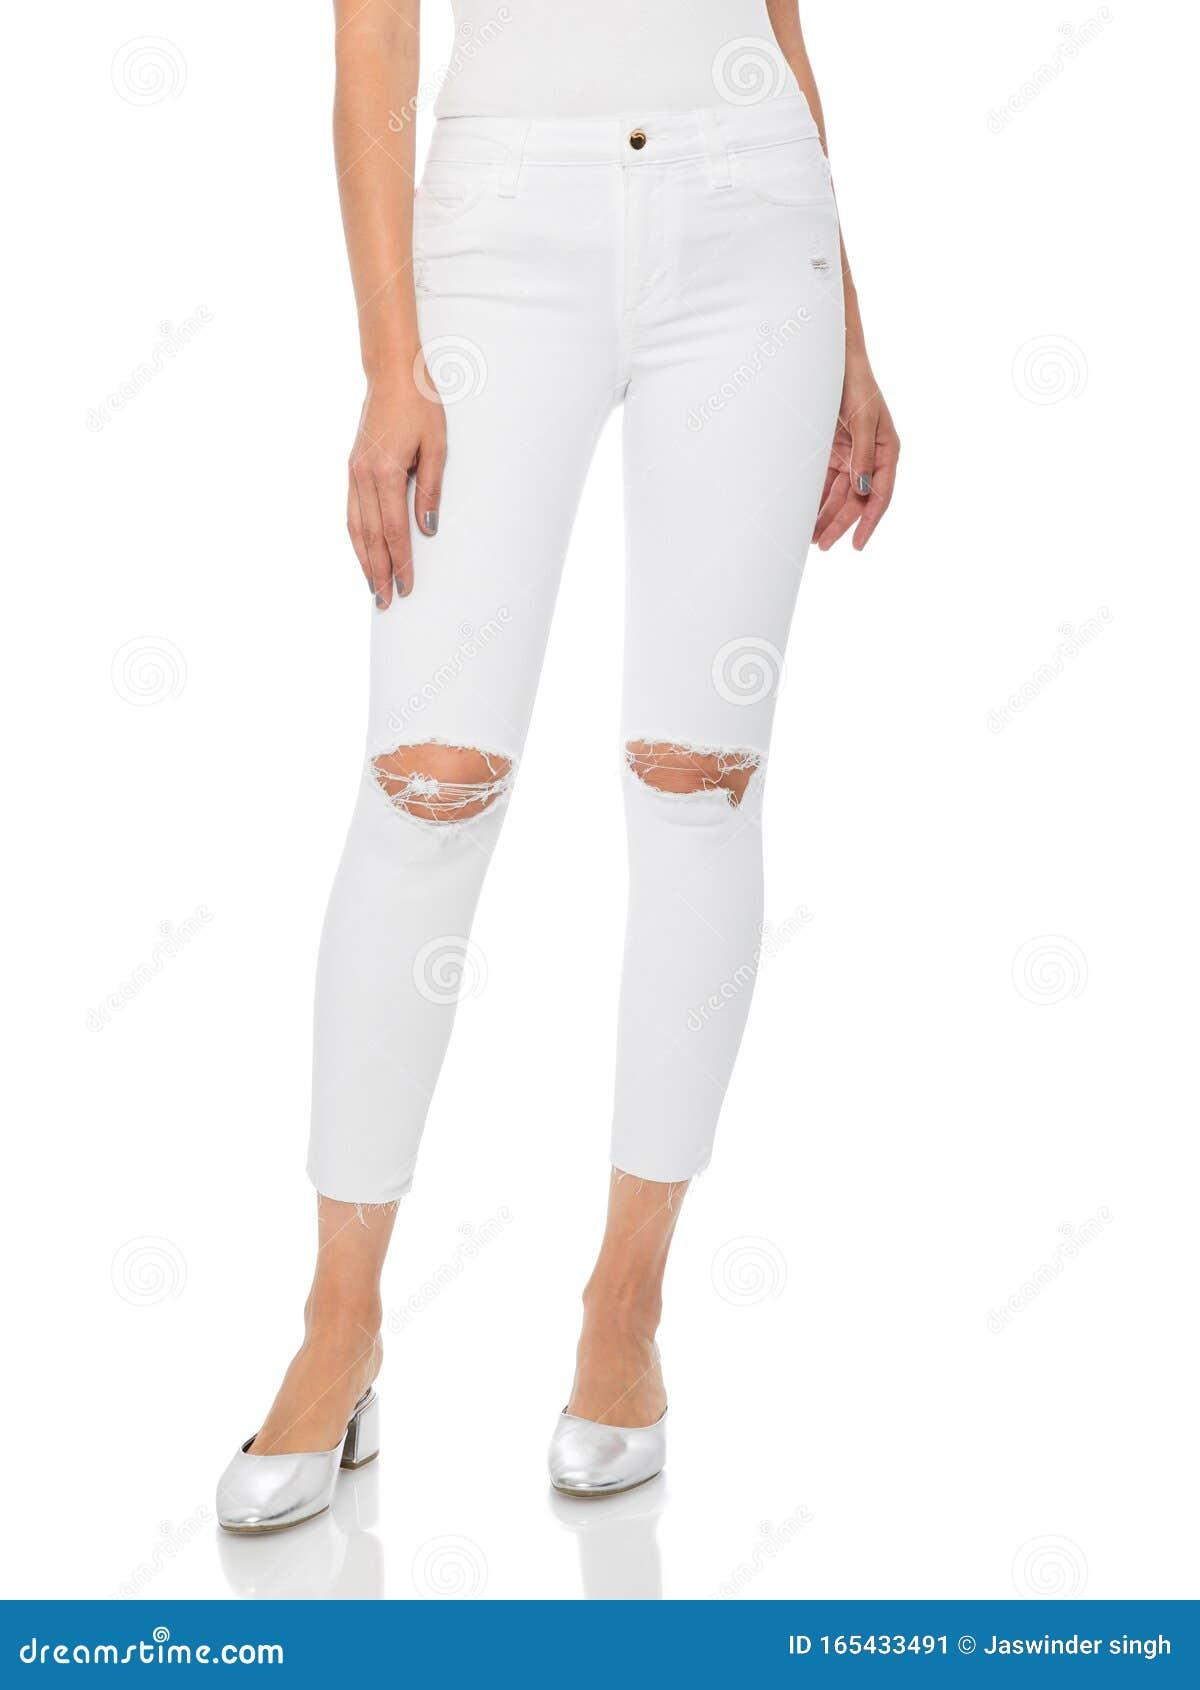 Mujer En Jeans Ajustados Azules Con Tacones Blancos Fondo Blanco Mujer Con Pantalones Ajustados Y Tacones Fondo Blanco Verano Imagen De Archivo Imagen De Ciudad Feliz 165433491